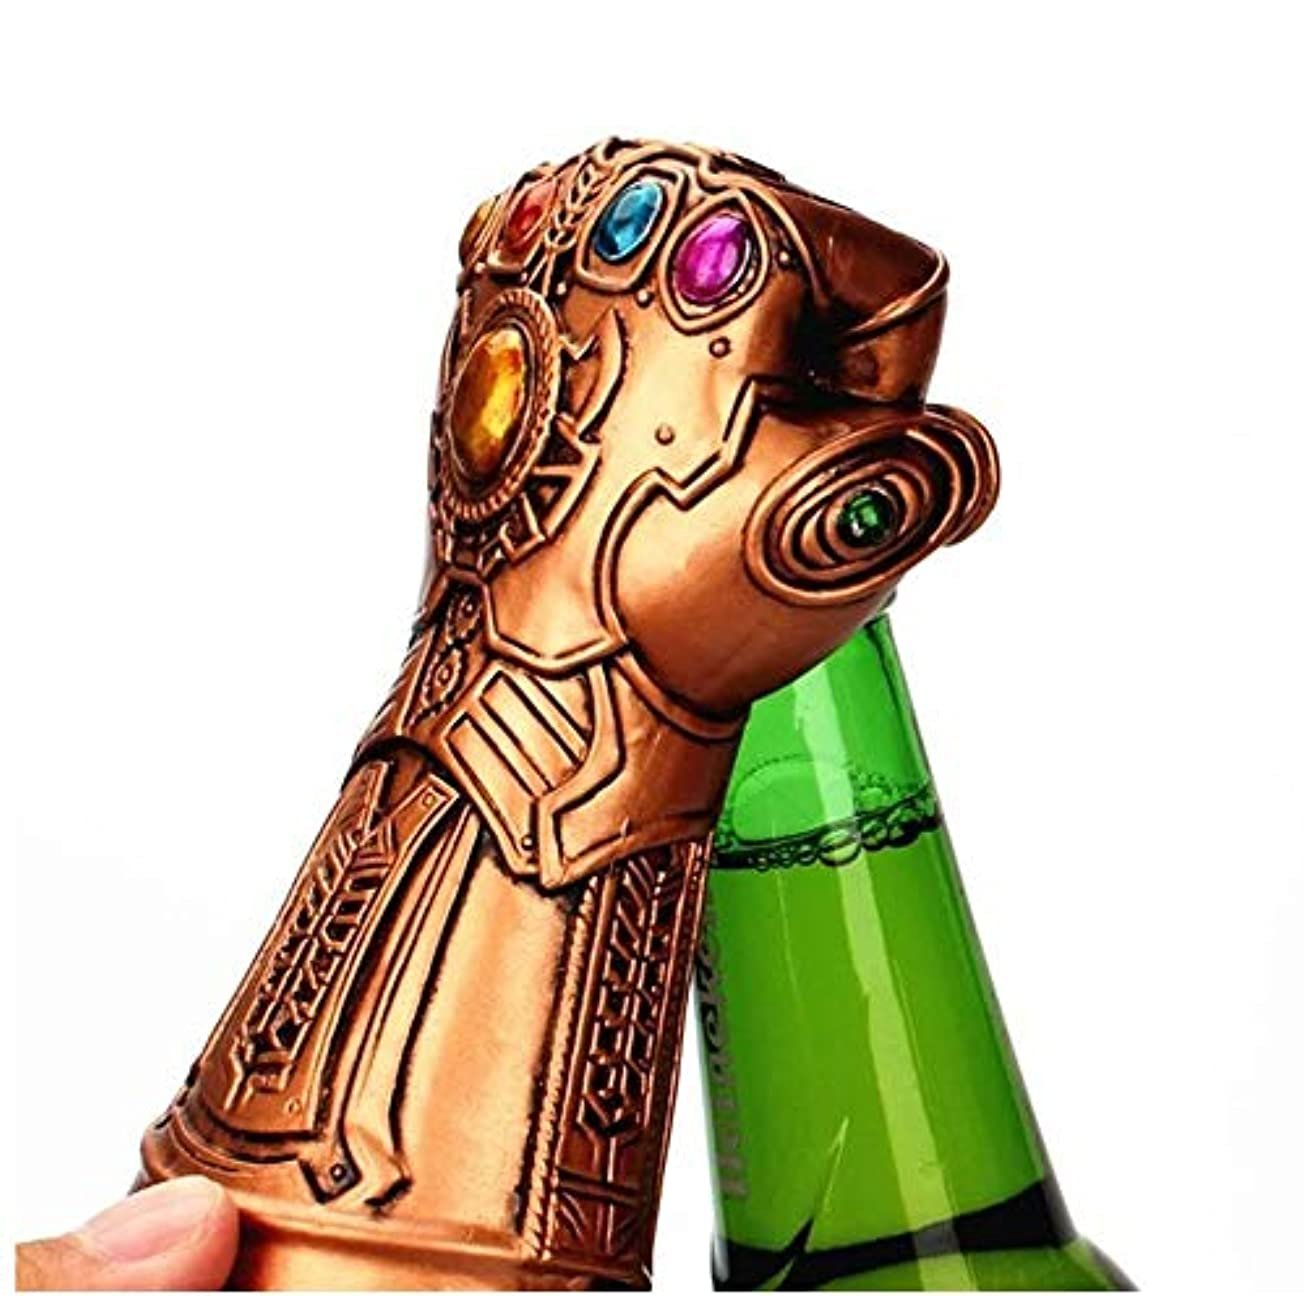 ビールオープナー - ワイヤレスウォータノスグローブビールオープナーワインボトルキャップ - バーパーティー誕生日ギフトコレクション (色 : Gold)